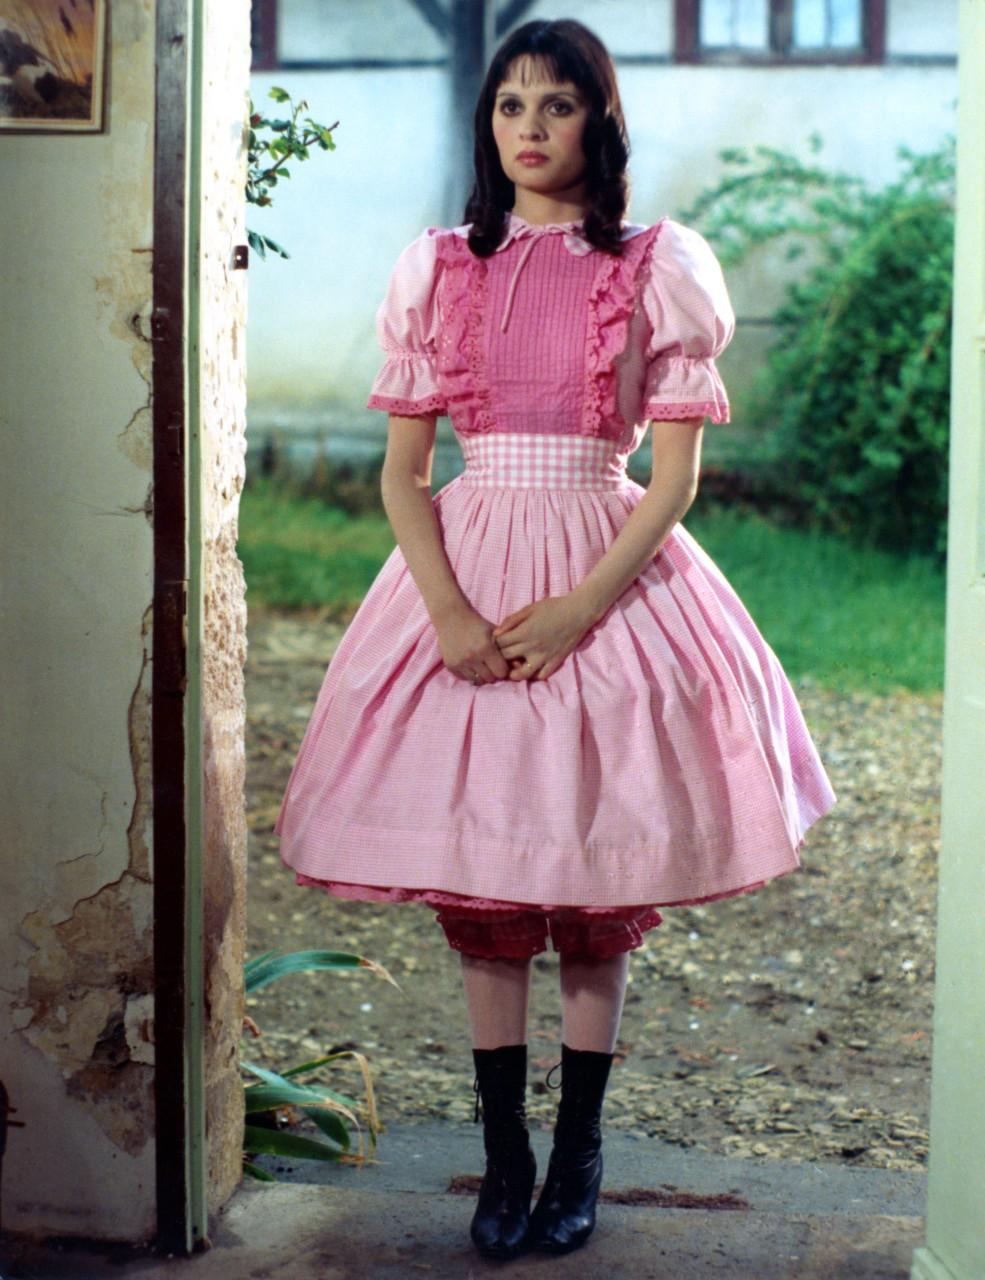 Jeanne Goupil, dans le film de Joël Séria, Marie-poupée (1976). © Georges Pierre/Bridgeman images